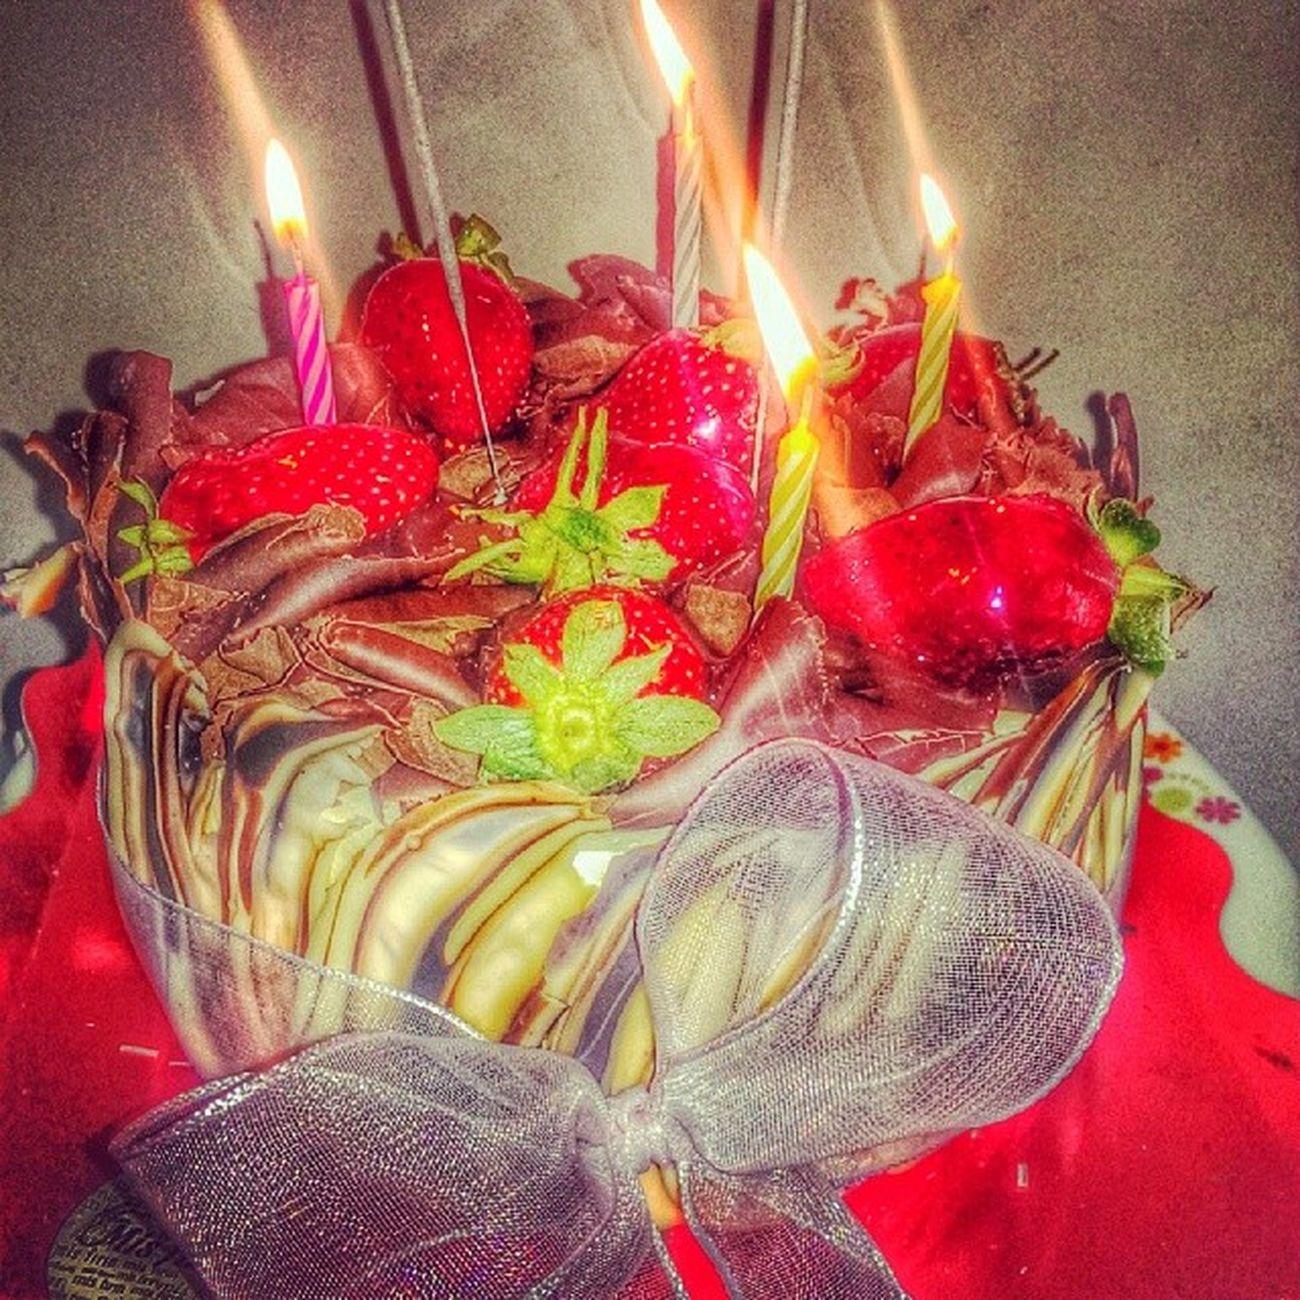 HappyBirthday Mutluyillar Iyikidogdun daha çook pasta kesilecek.